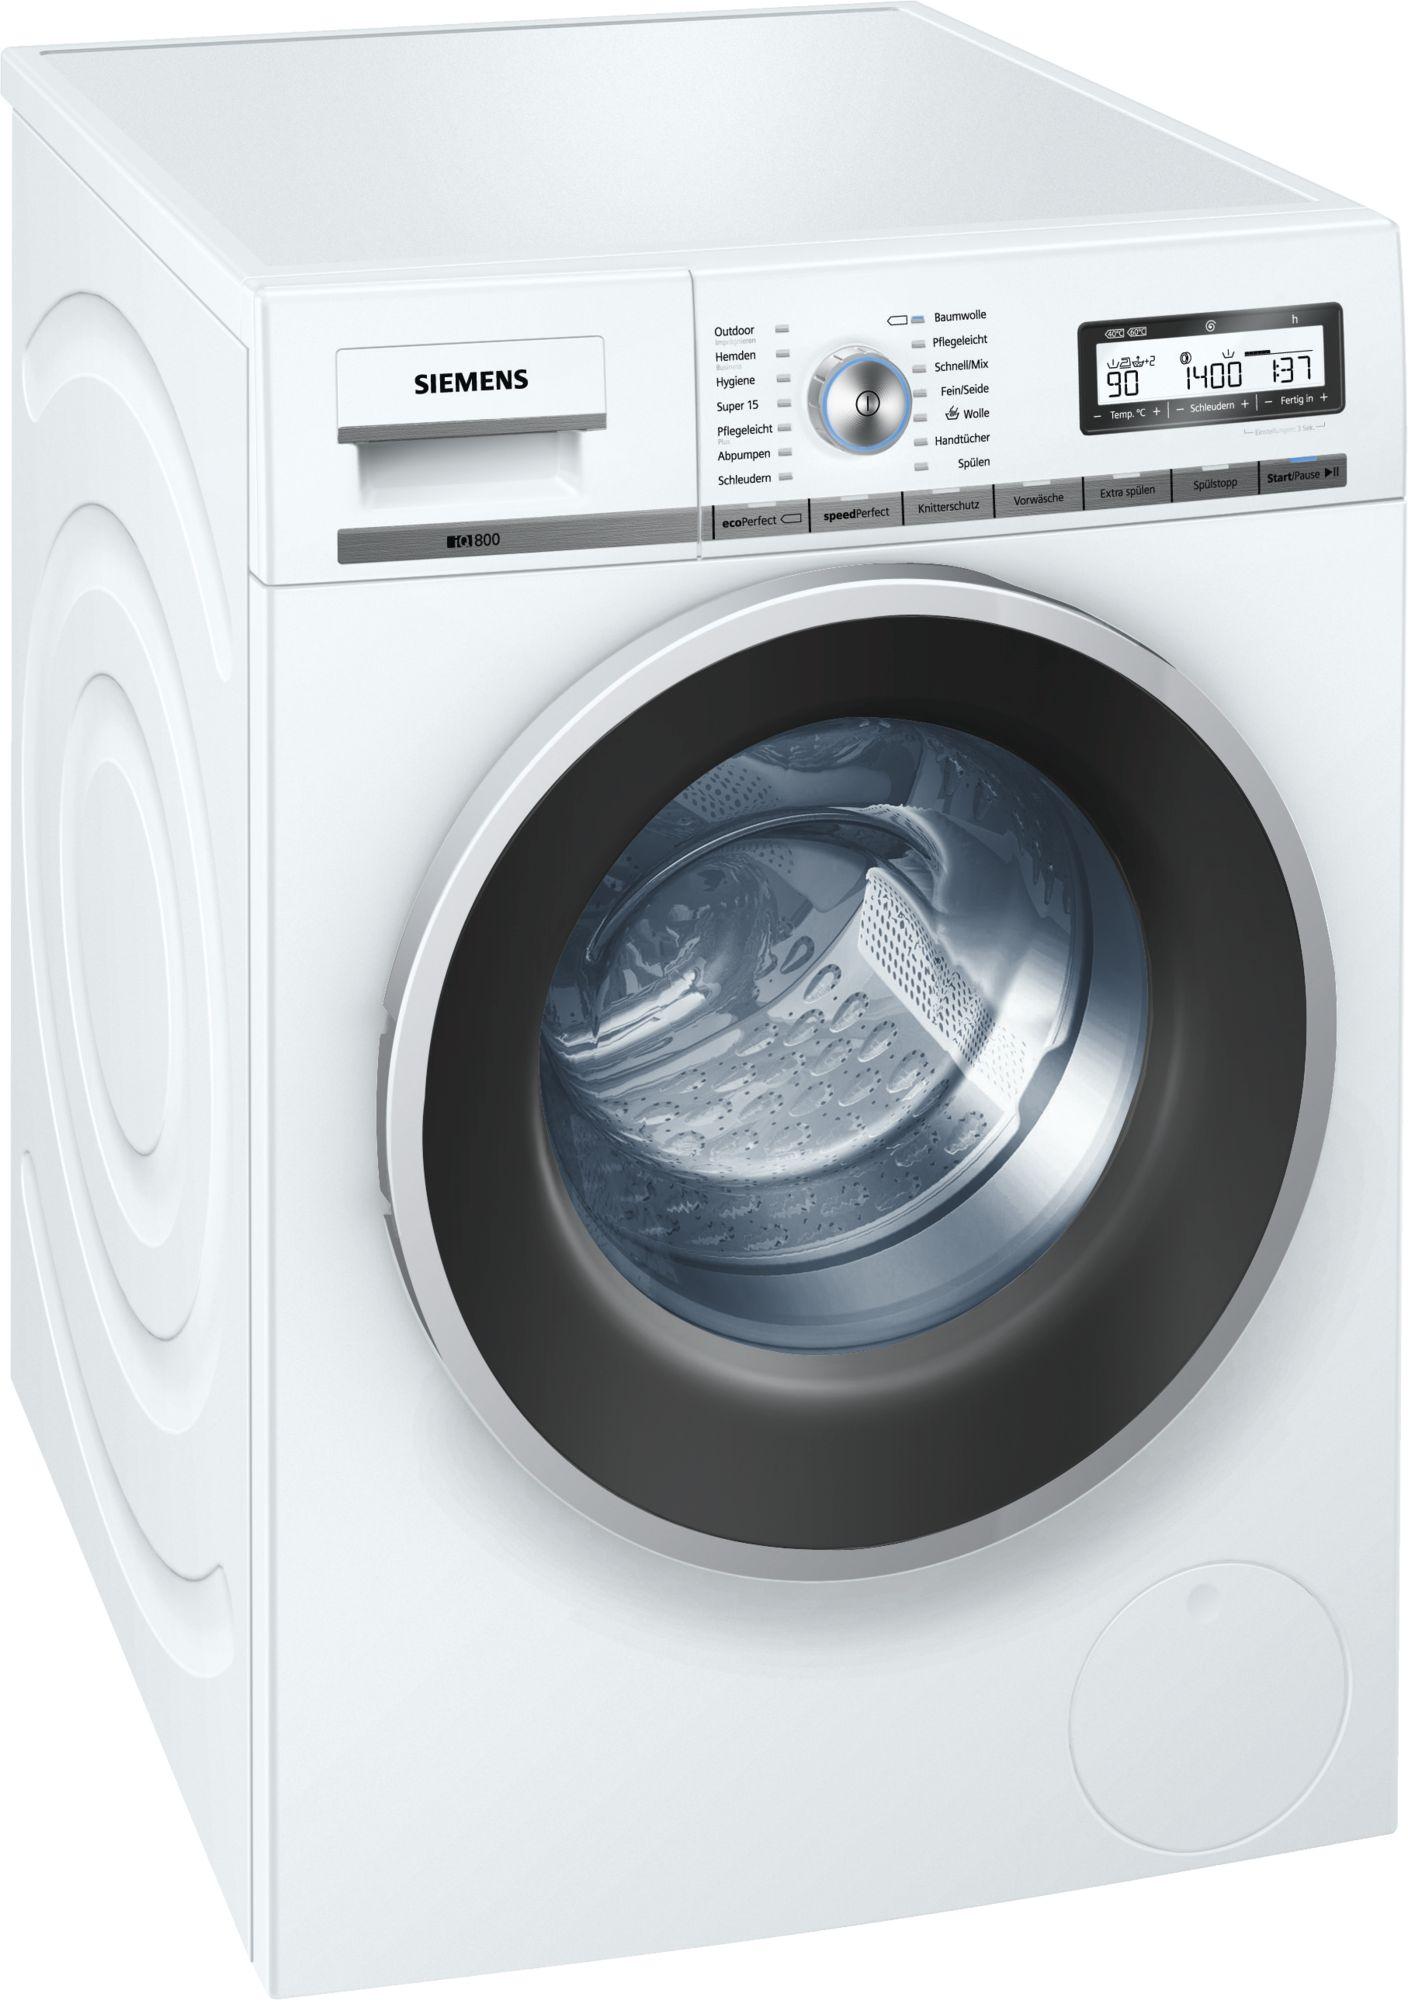 [Saturn] Siemens WM14Y54A (iQ800) Waschmaschine für 525 € - EEK A+++, 8kg, 1400 U/min, iQdrive Motor (10 Jahre Motor-Garantie), sehr leise